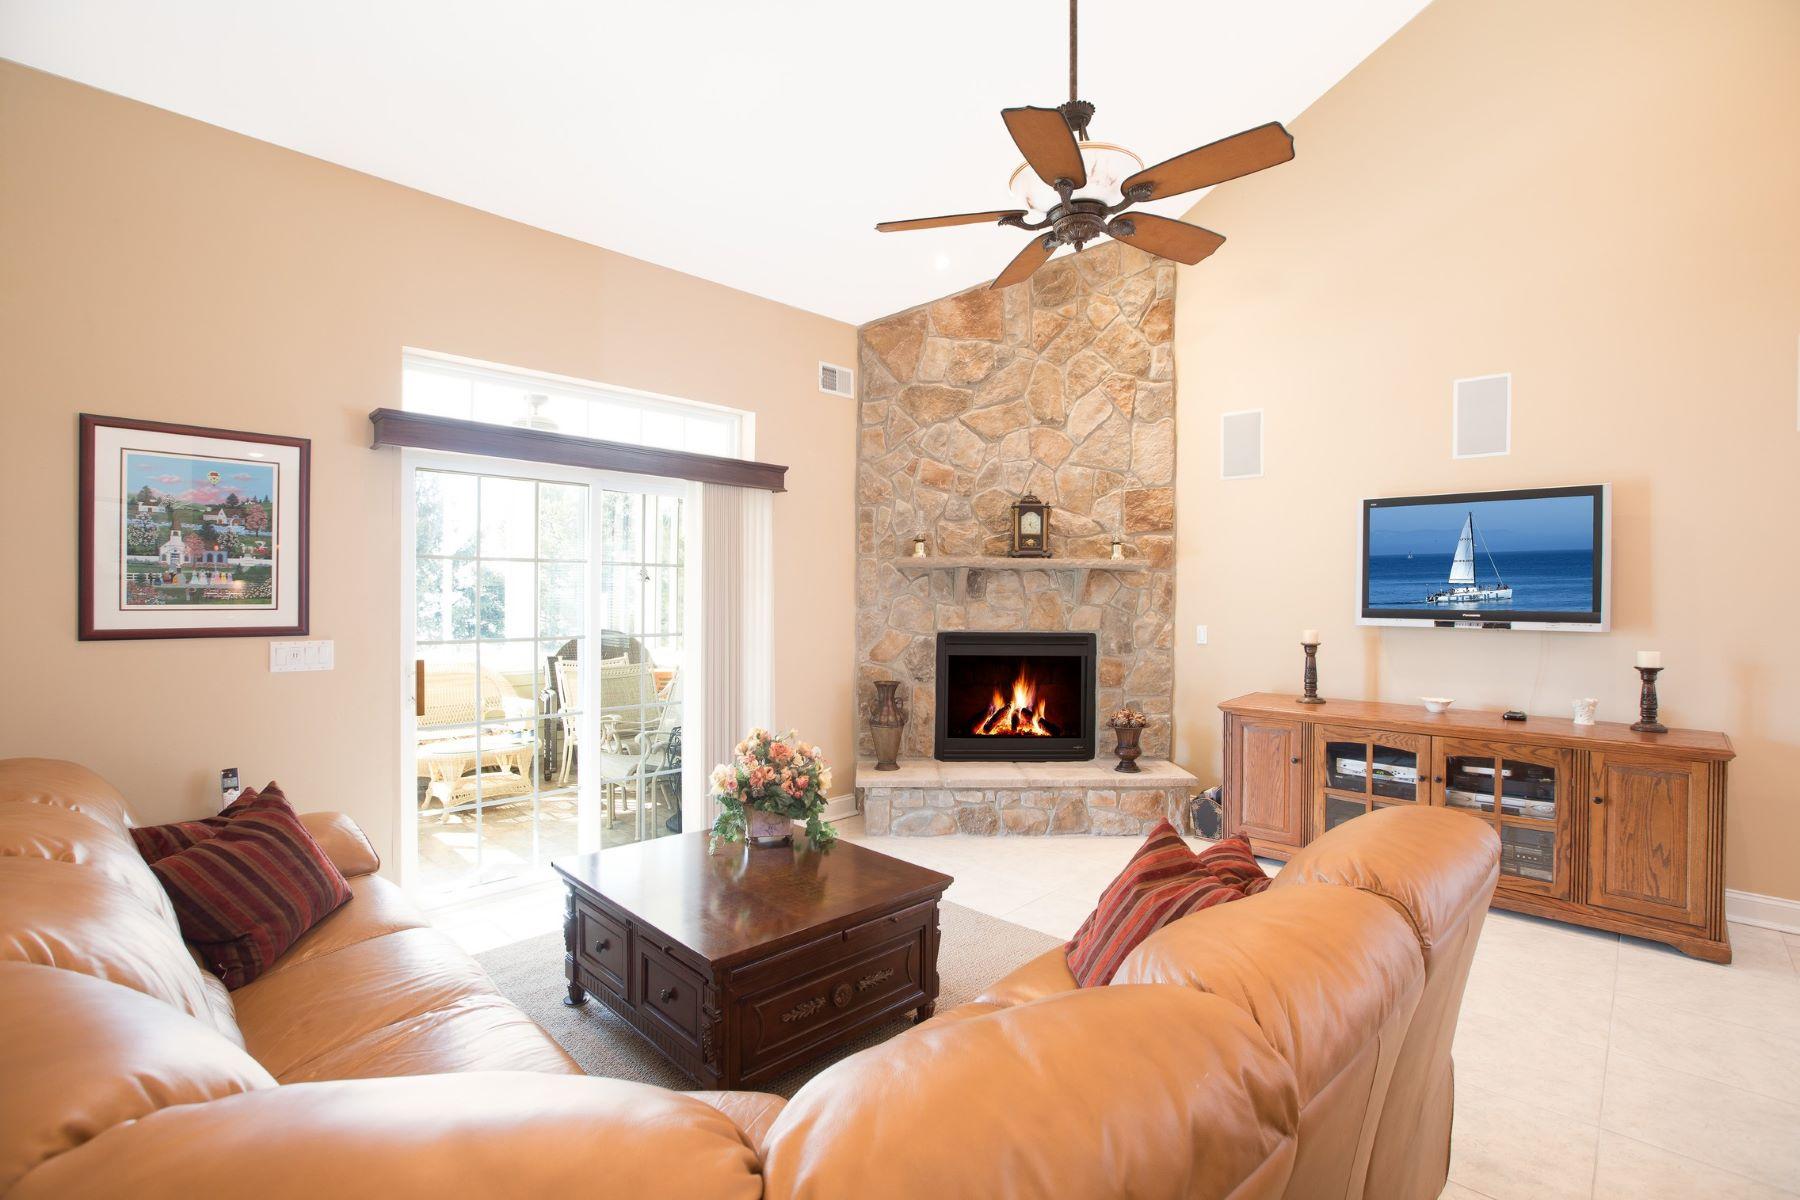 Single Family Homes for Sale at Aquebogue 87 Foxglove Row Aquebogue, New York 11931 United States